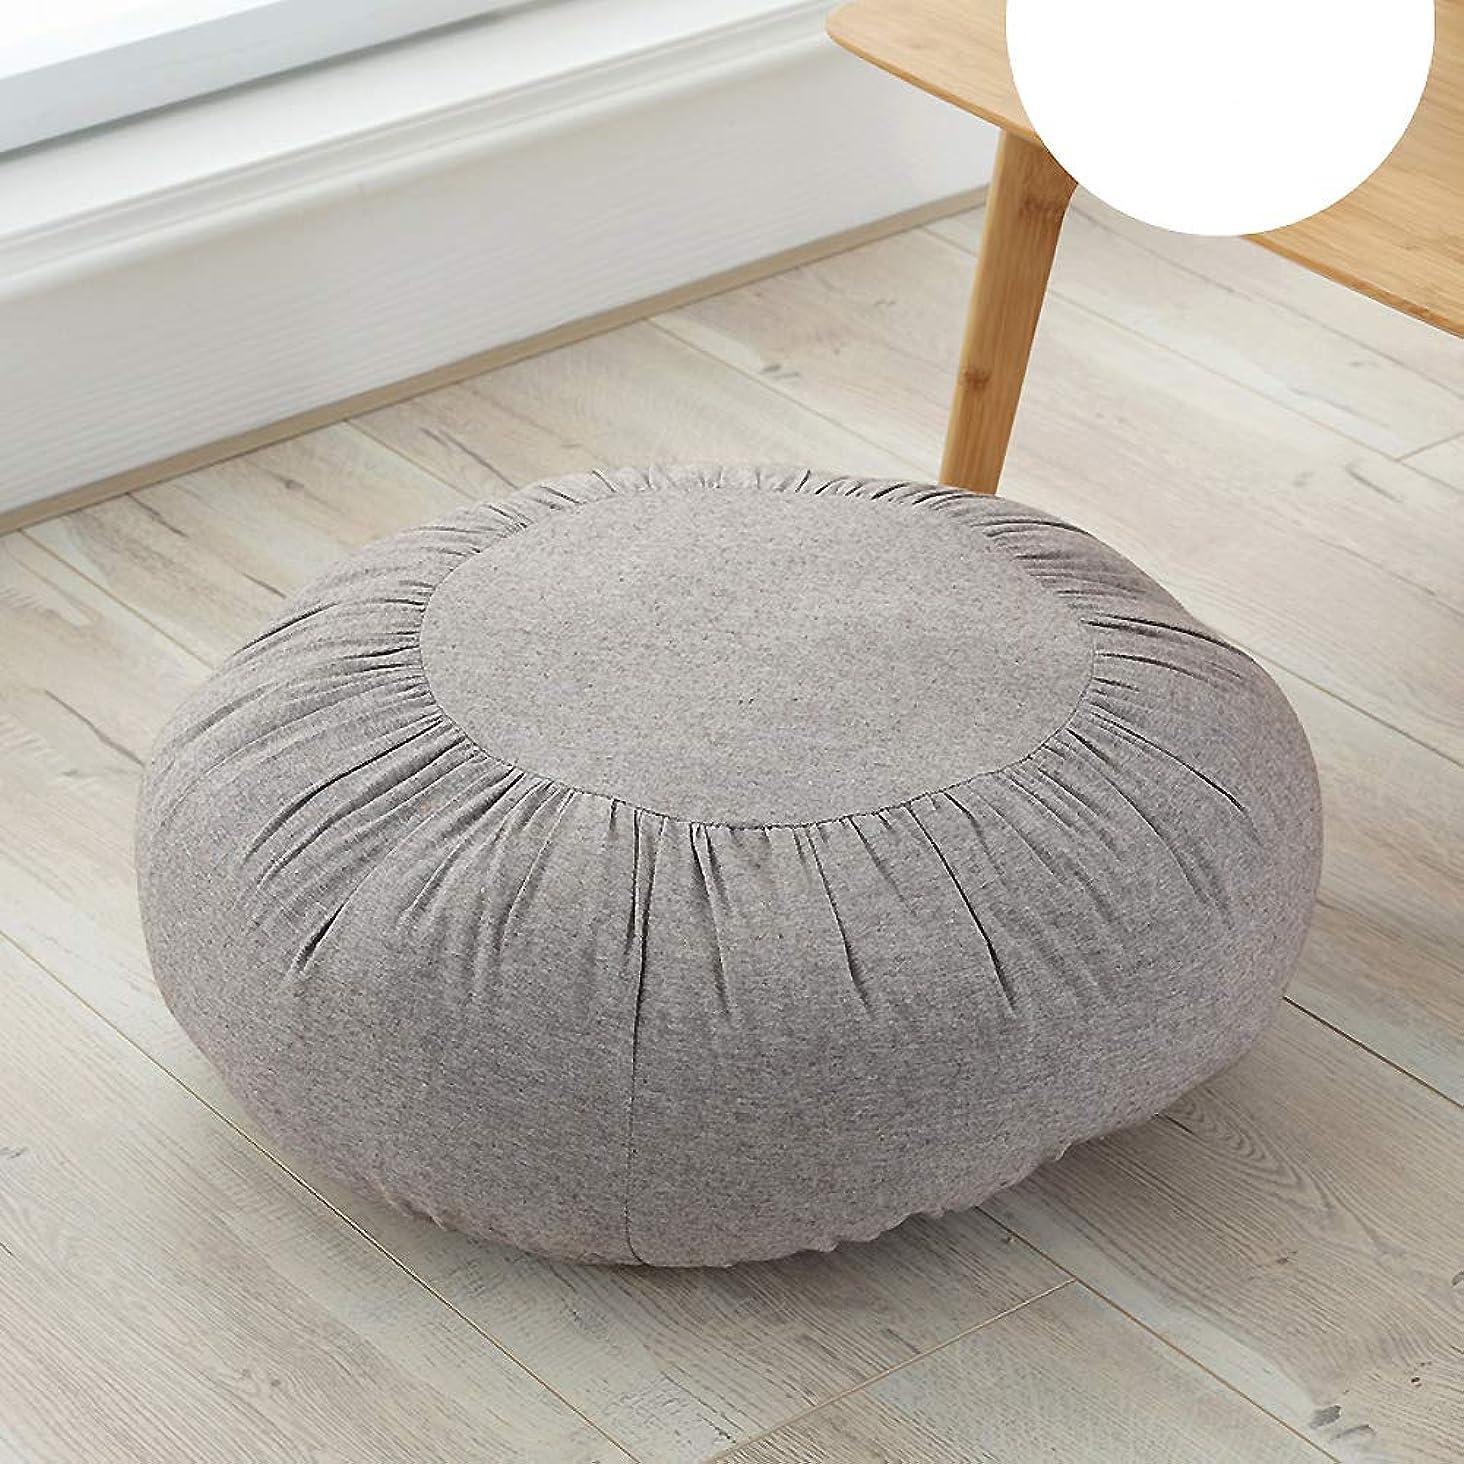 そこ音声拍手する特大 厚く 床枕, 単色 綿 パッド イス用シートクッション ノンスリップ ベイウィンドウ 座布団 ソフト マット布団 屋内 屋外-ブラウン 直径47cm